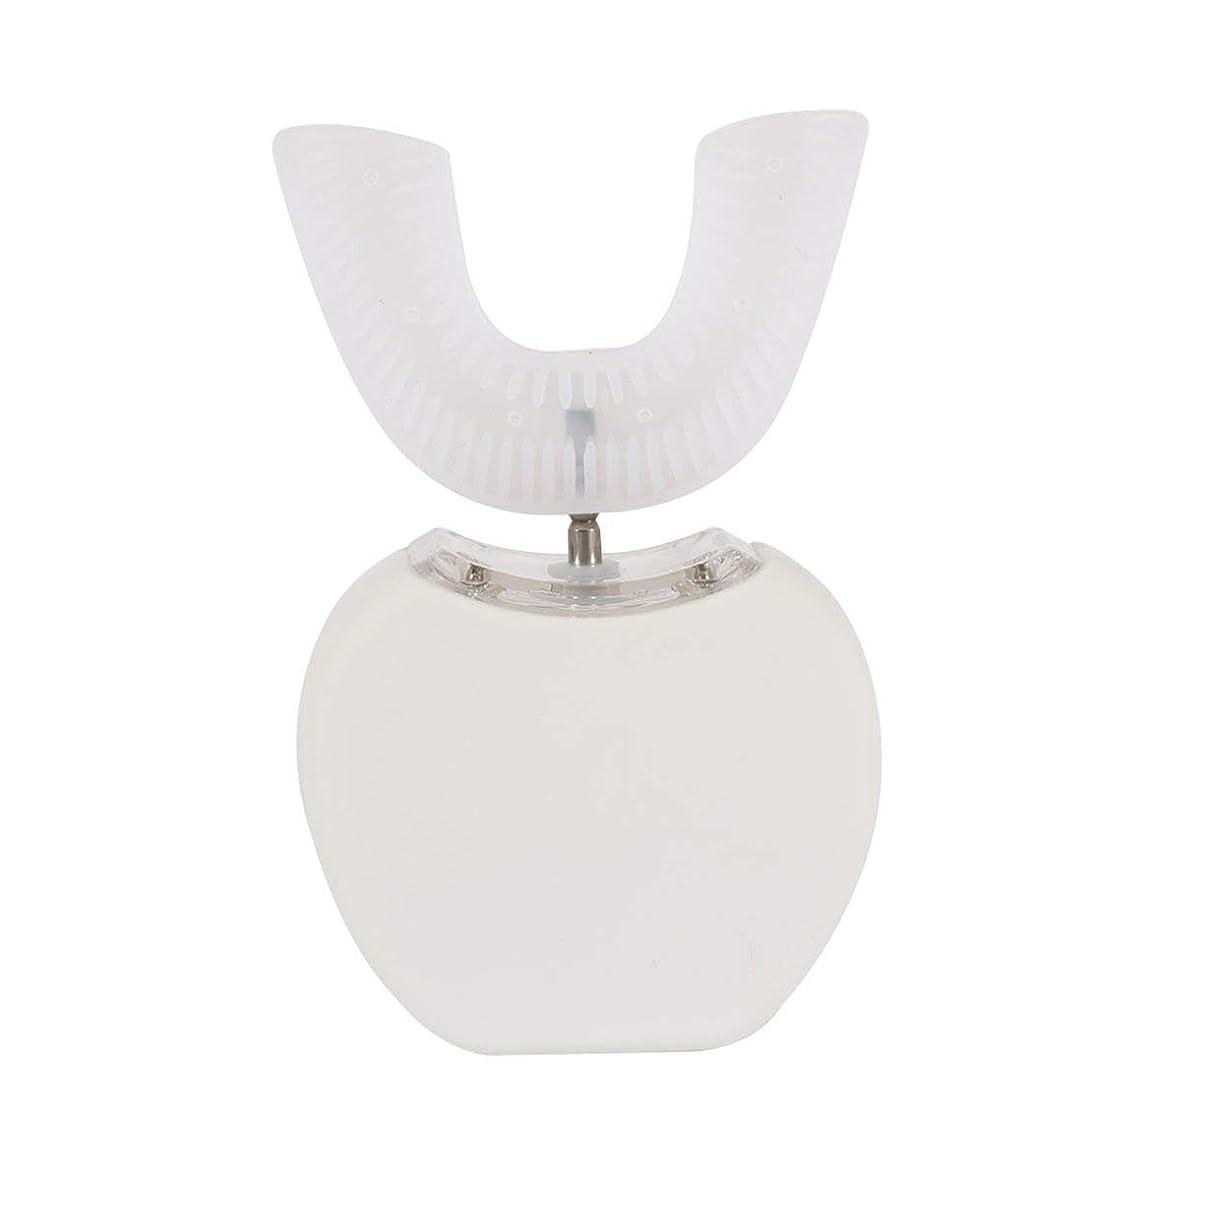 定期的に変化治世360°ワイヤレス充電怠惰な自動ソニックシリコーン電動歯ブラシ - ホワイト